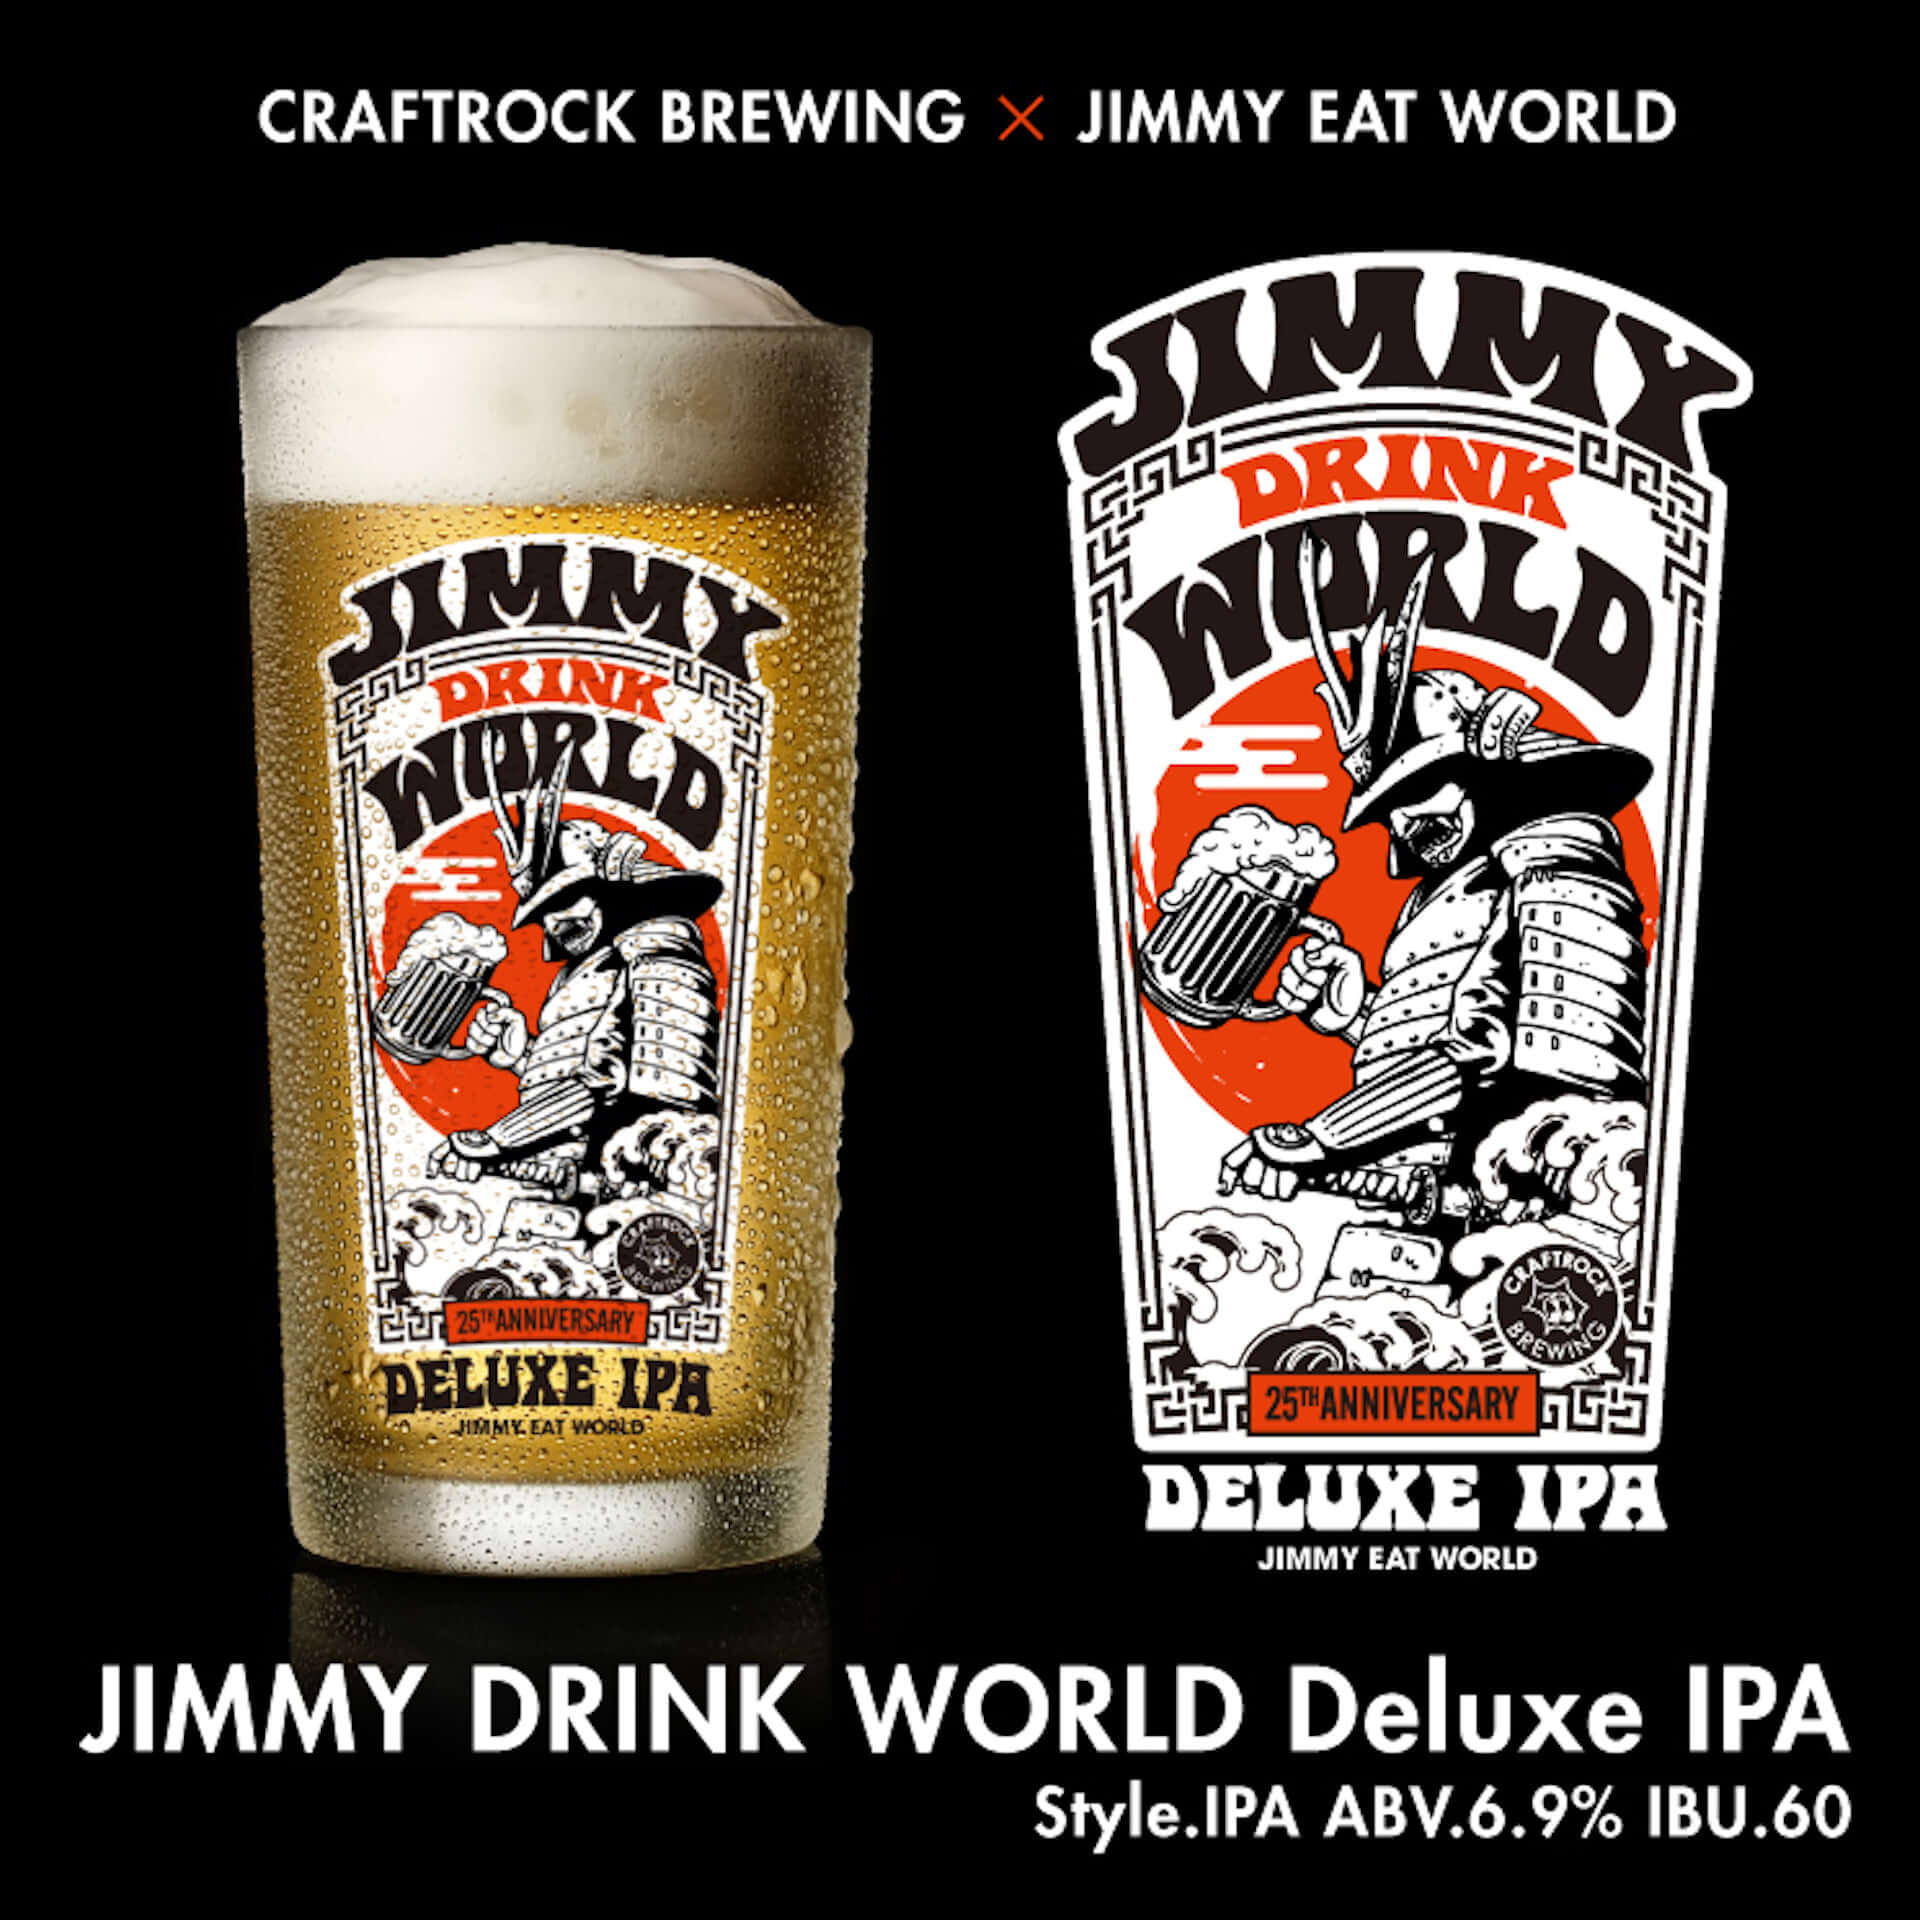 ジミー・イート・ワールドにインスパイアされたクラフトビール『ジミー・ドリンク・ワールド』発売 豪華フリーイベントも開催 music191118_jimmyeatworld0-1920x1920